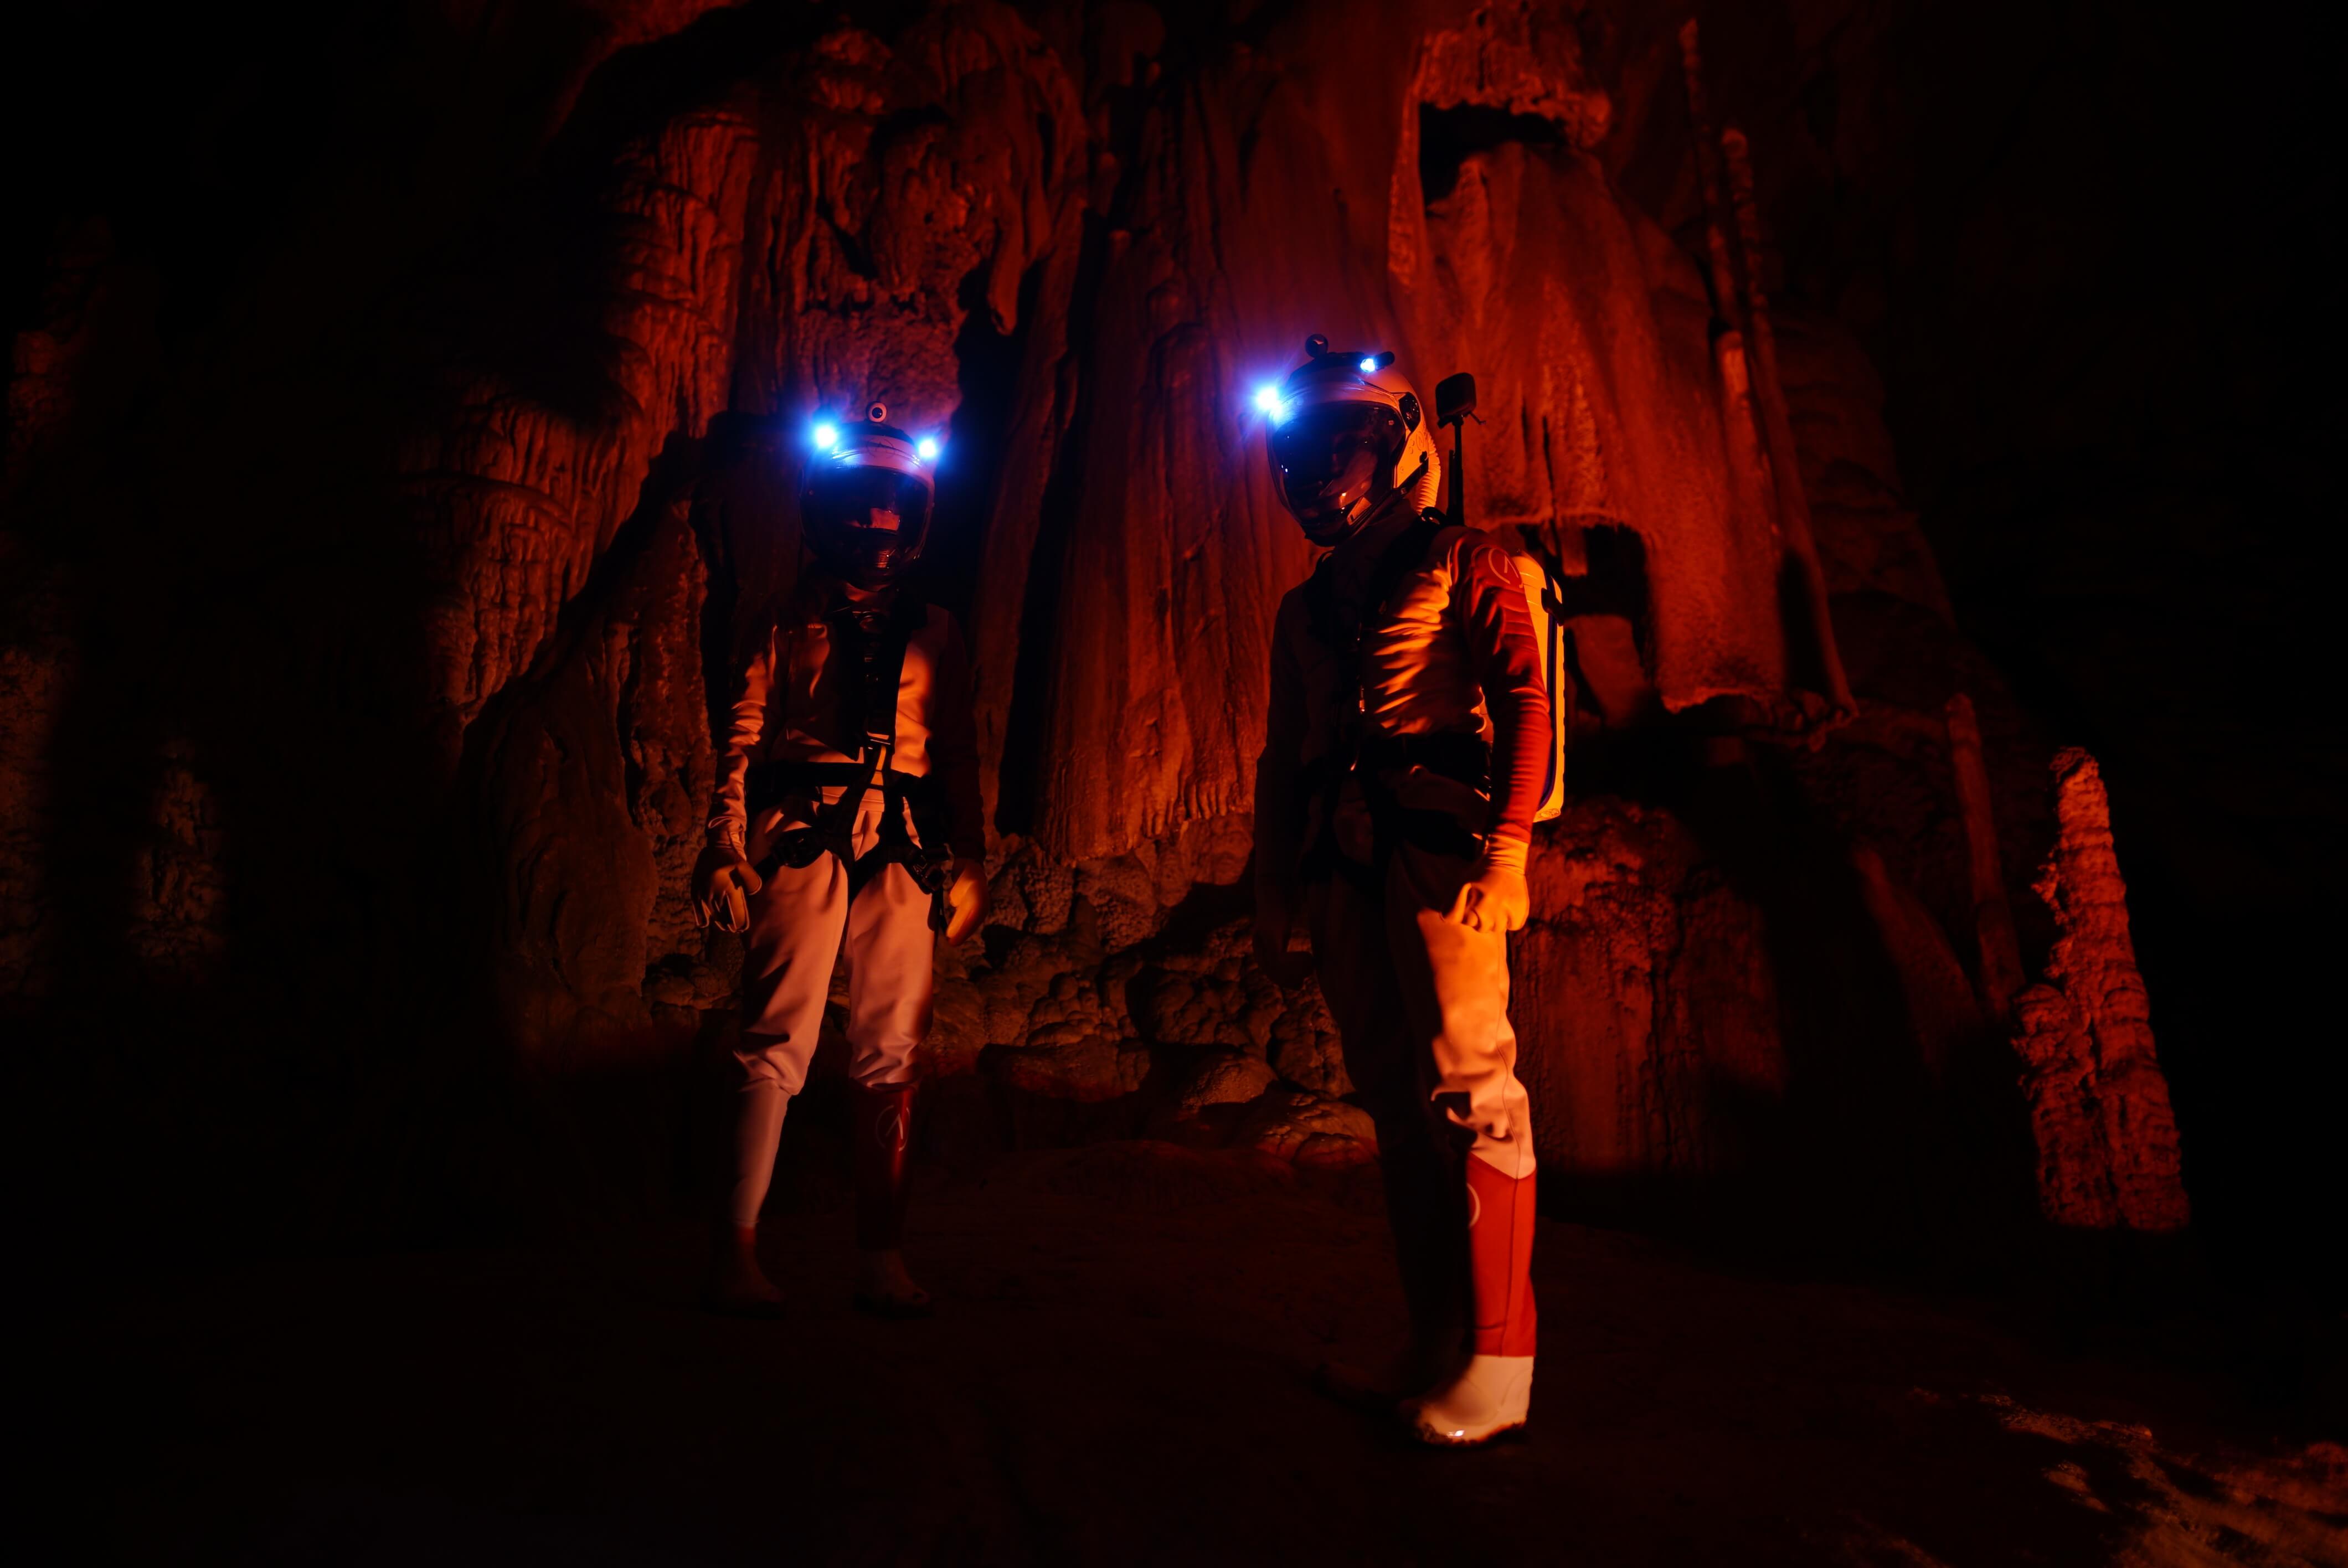 Начинающие космические туристы могут испытать жизнь на Марсе в пещере в Испании